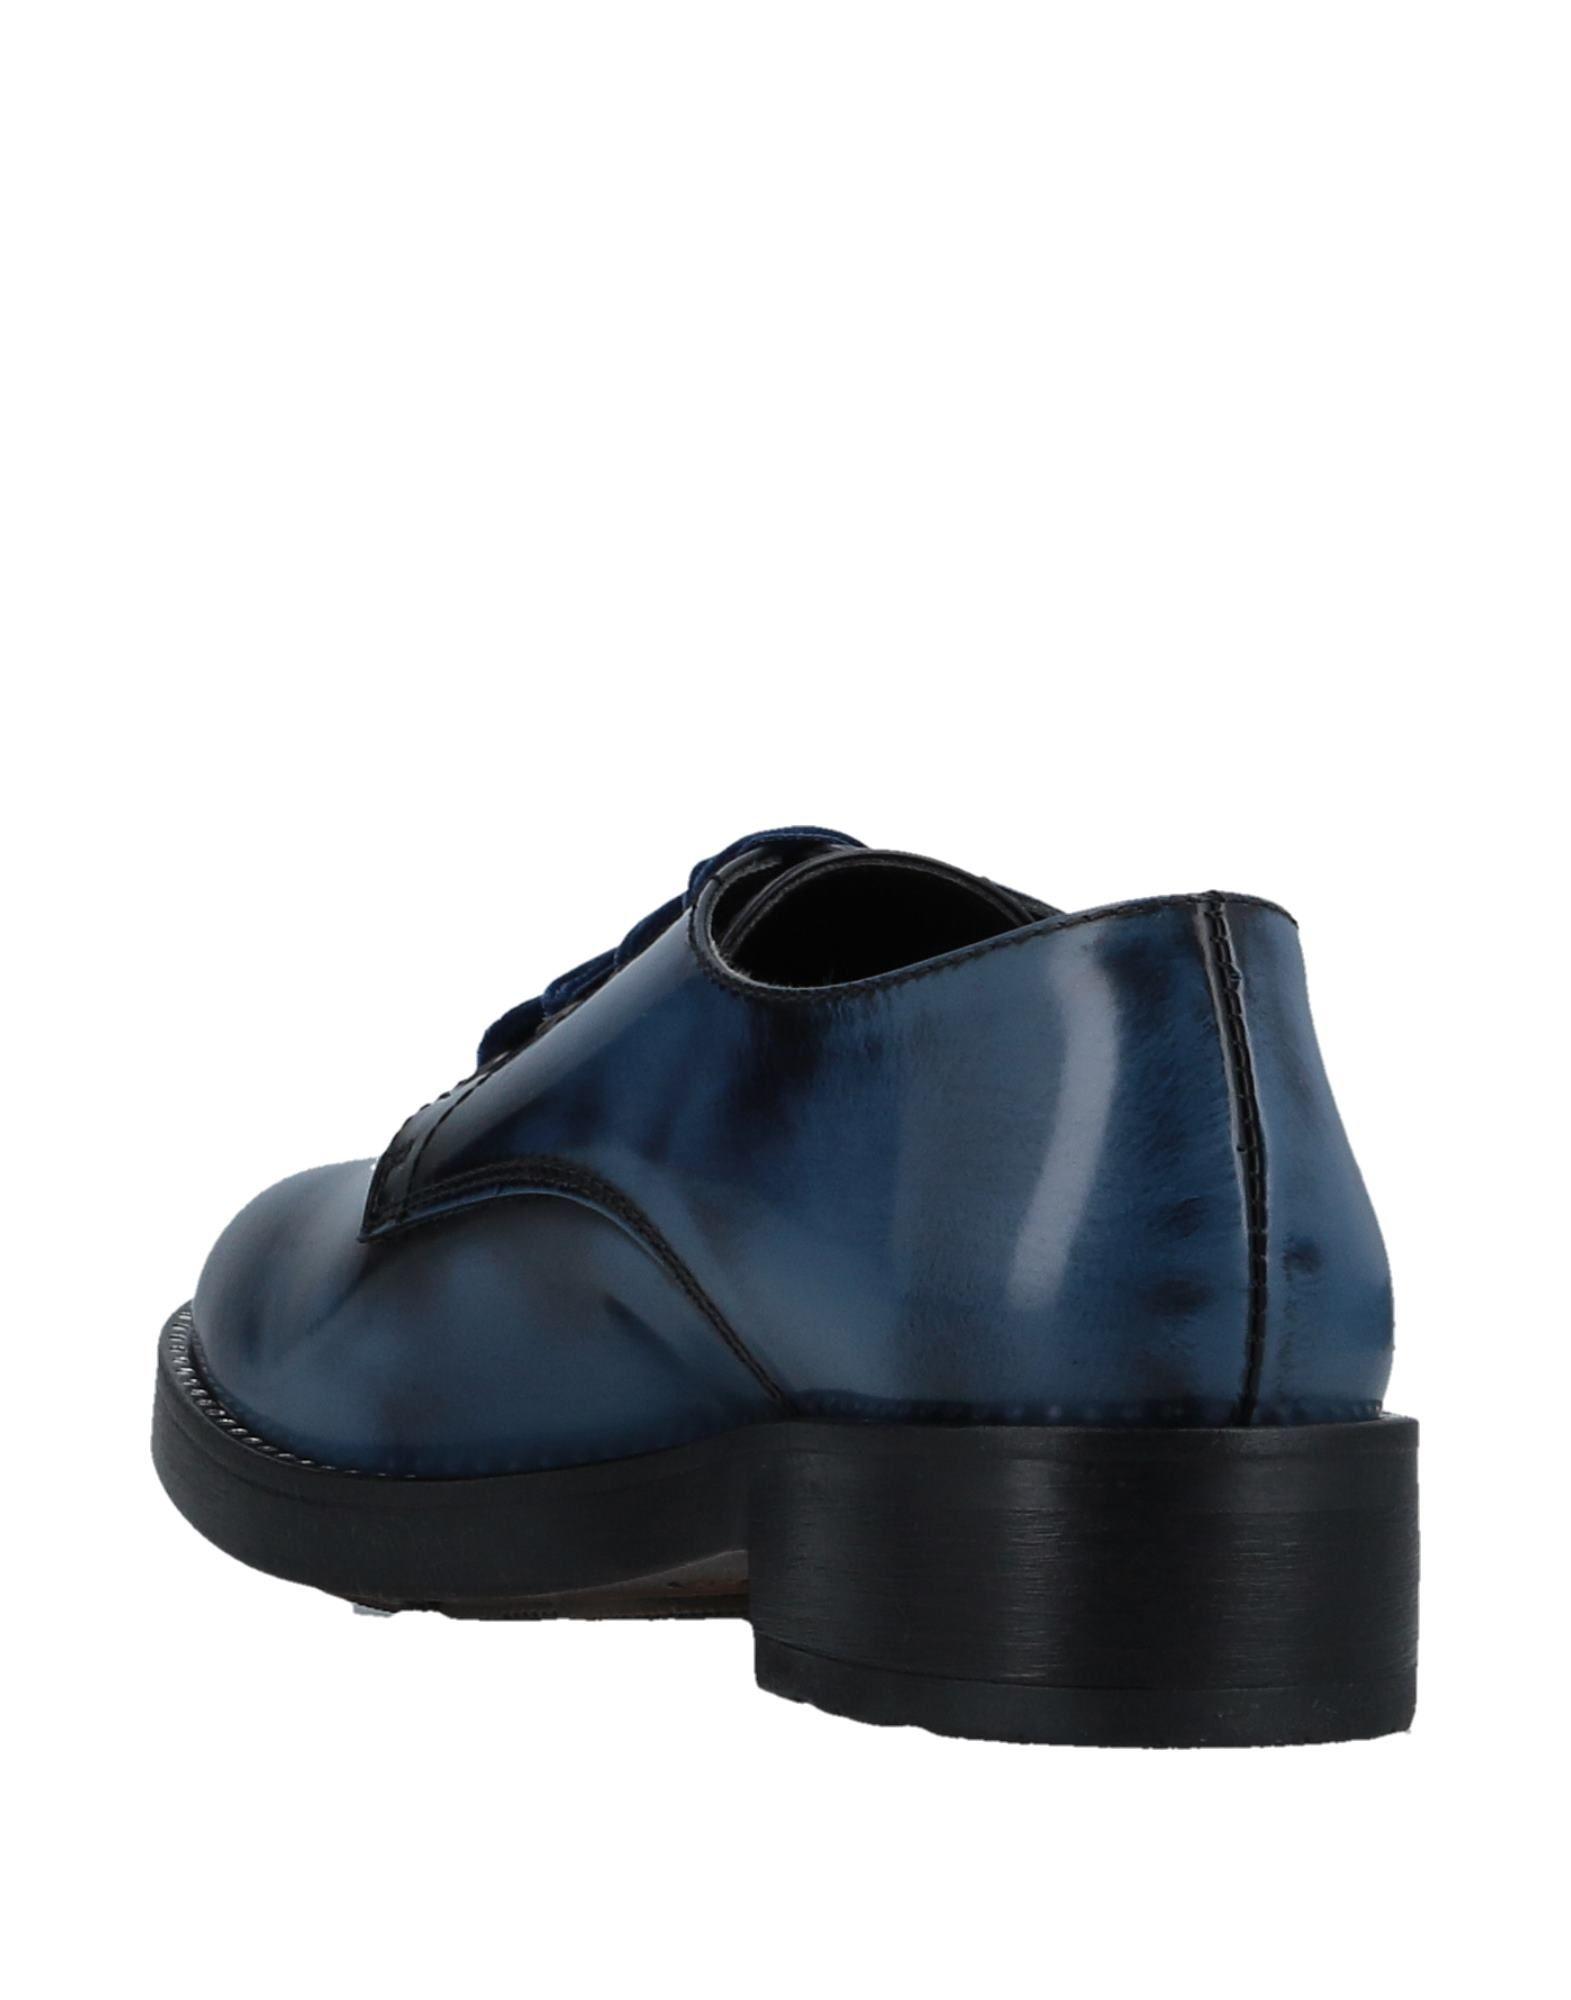 Loretta By Loretta Schnürschuhe Damen  11506141PL Gute Qualität beliebte Schuhe